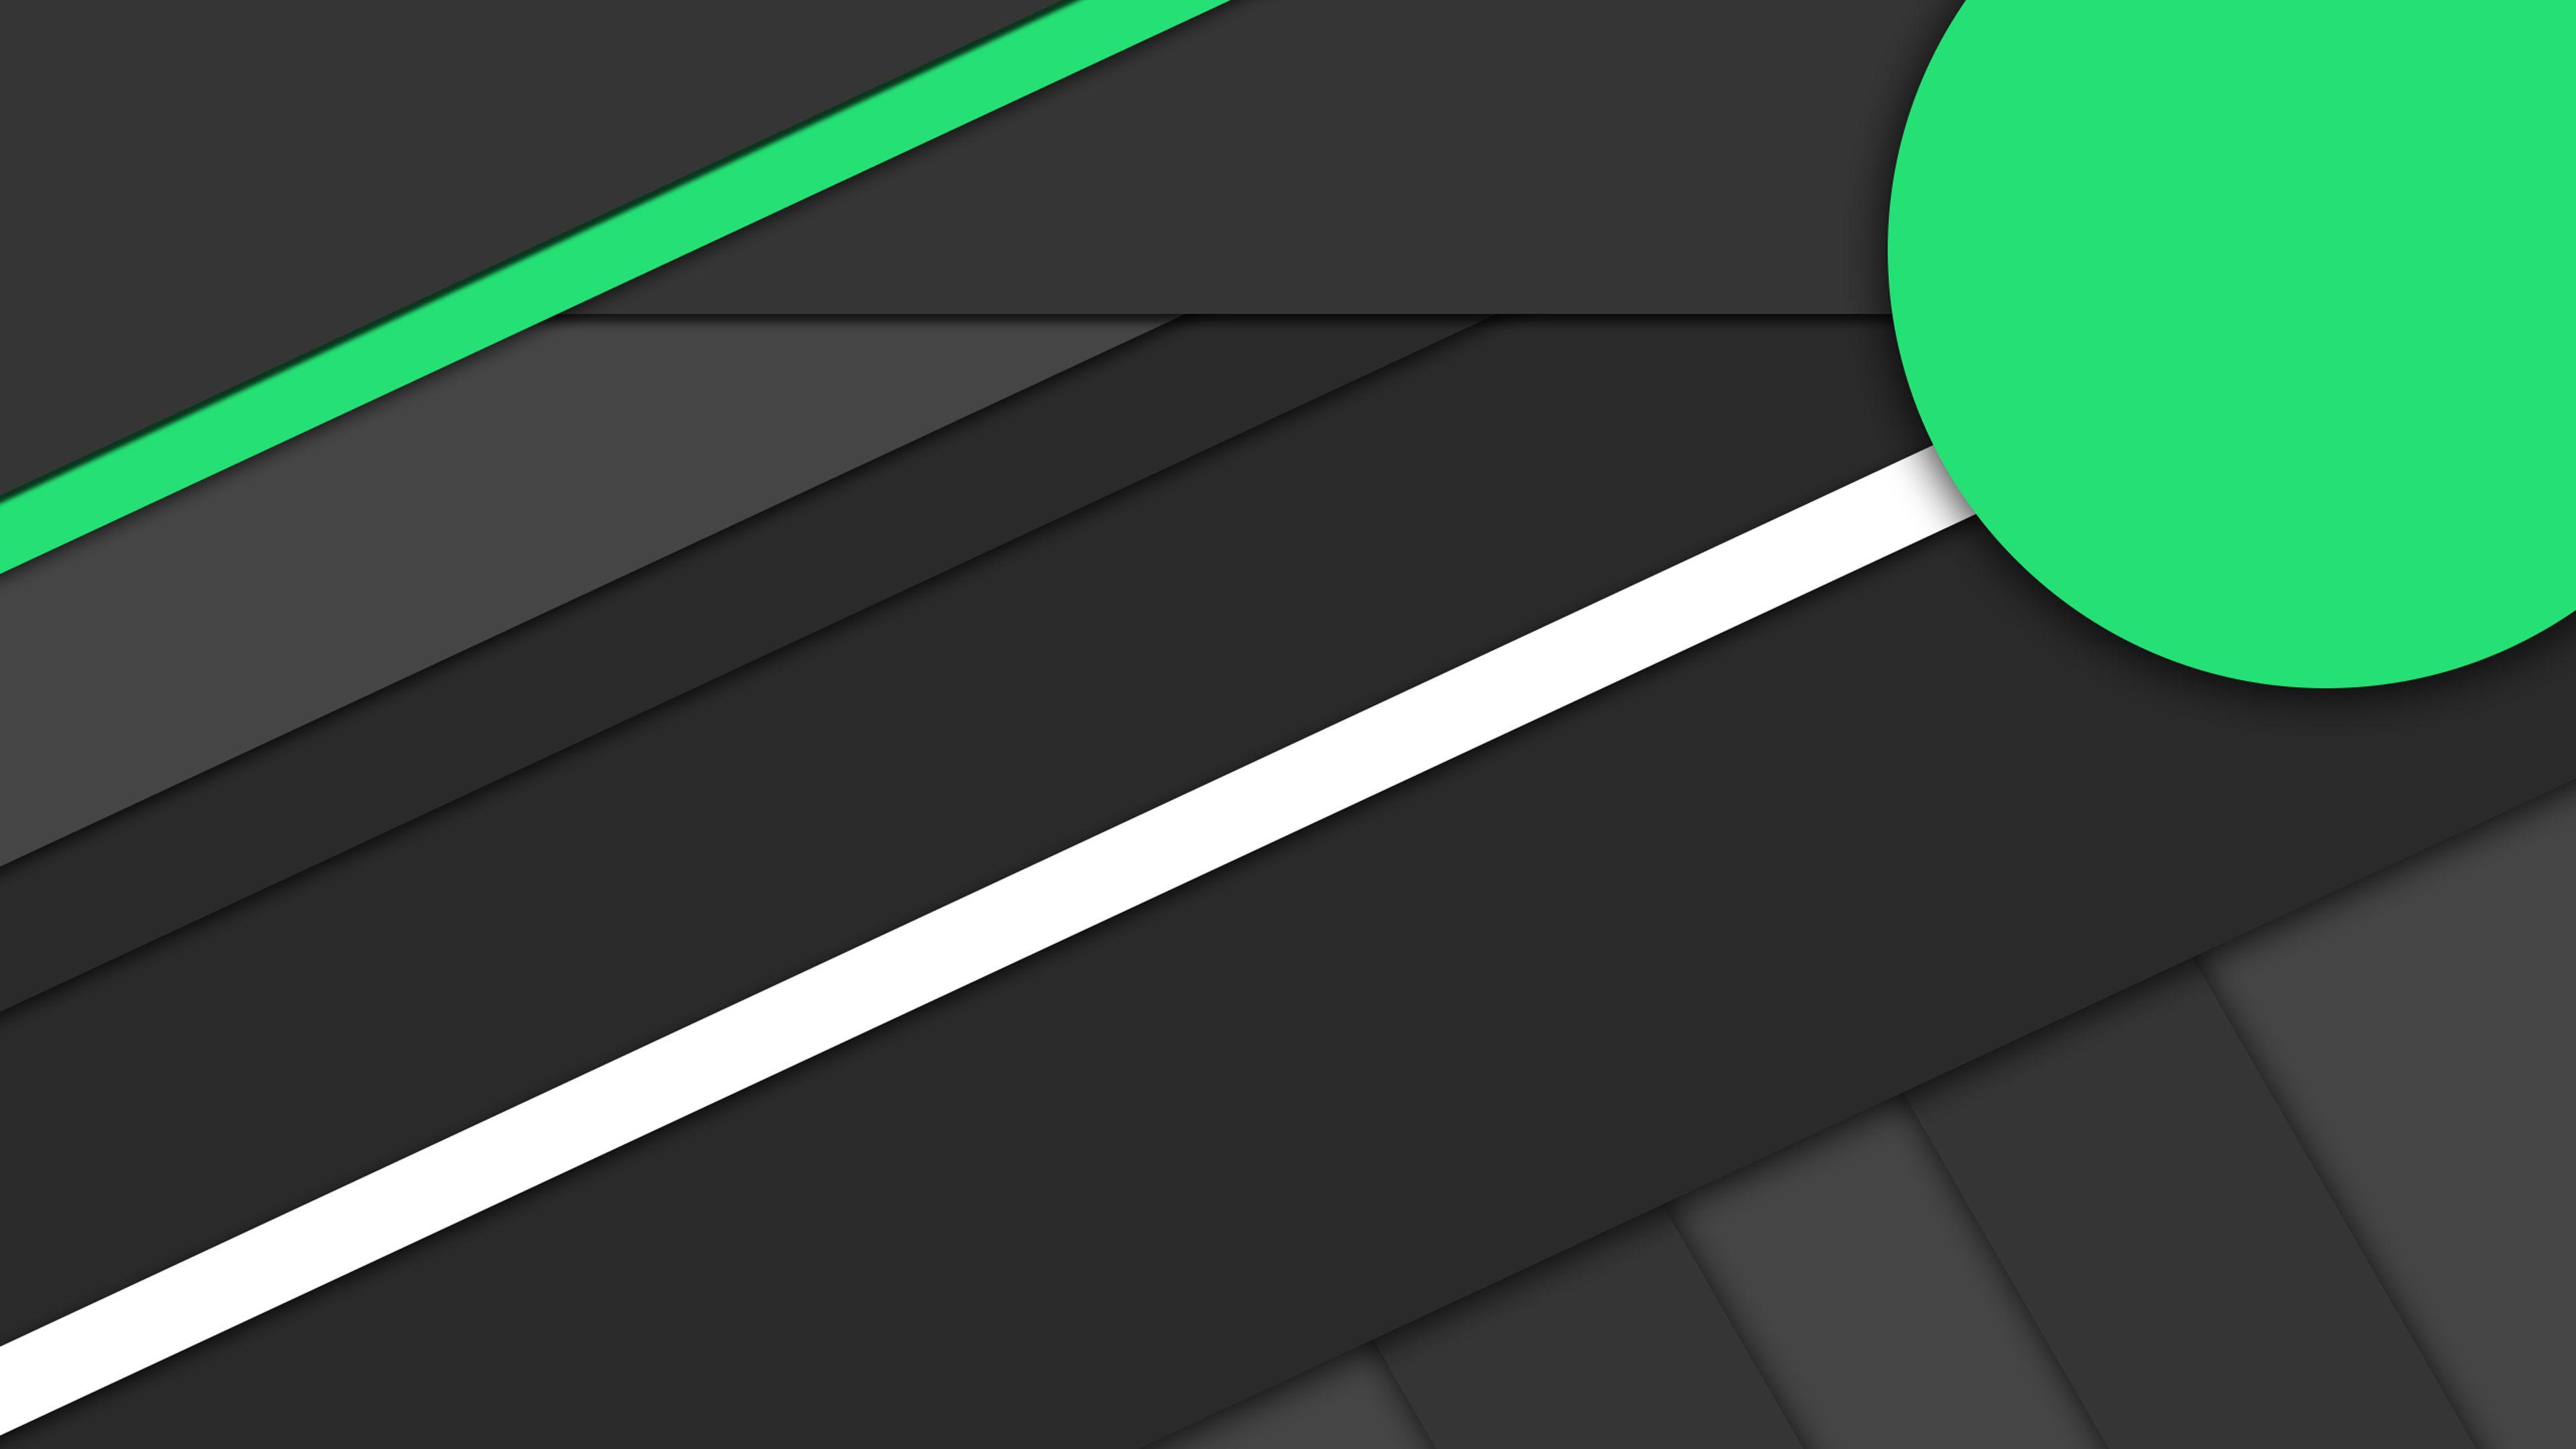 Dark material design wallpaper in 4k followme for Material design wallpaper 4k